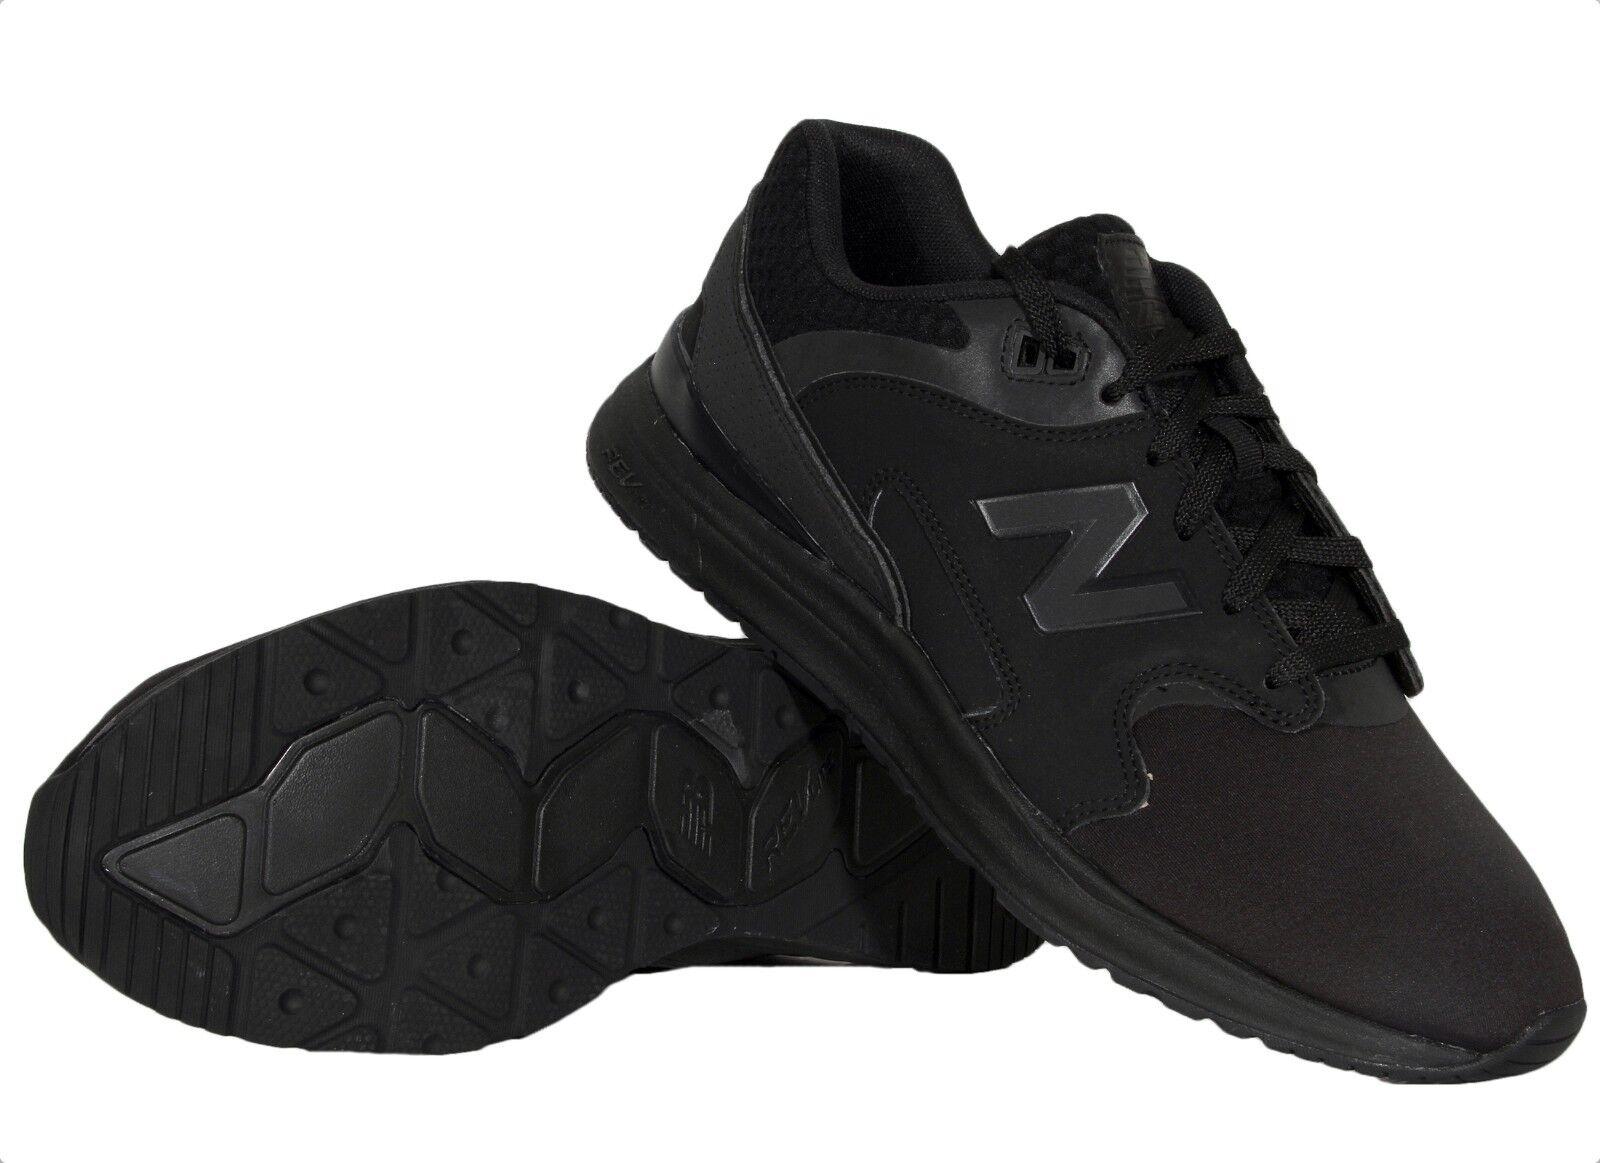 2018 REVlite para hombre New Balance Zapatos Negro  con cordones ML1550WB Negro Zapatos Nuevo en Caja Auténtica 0e0e37